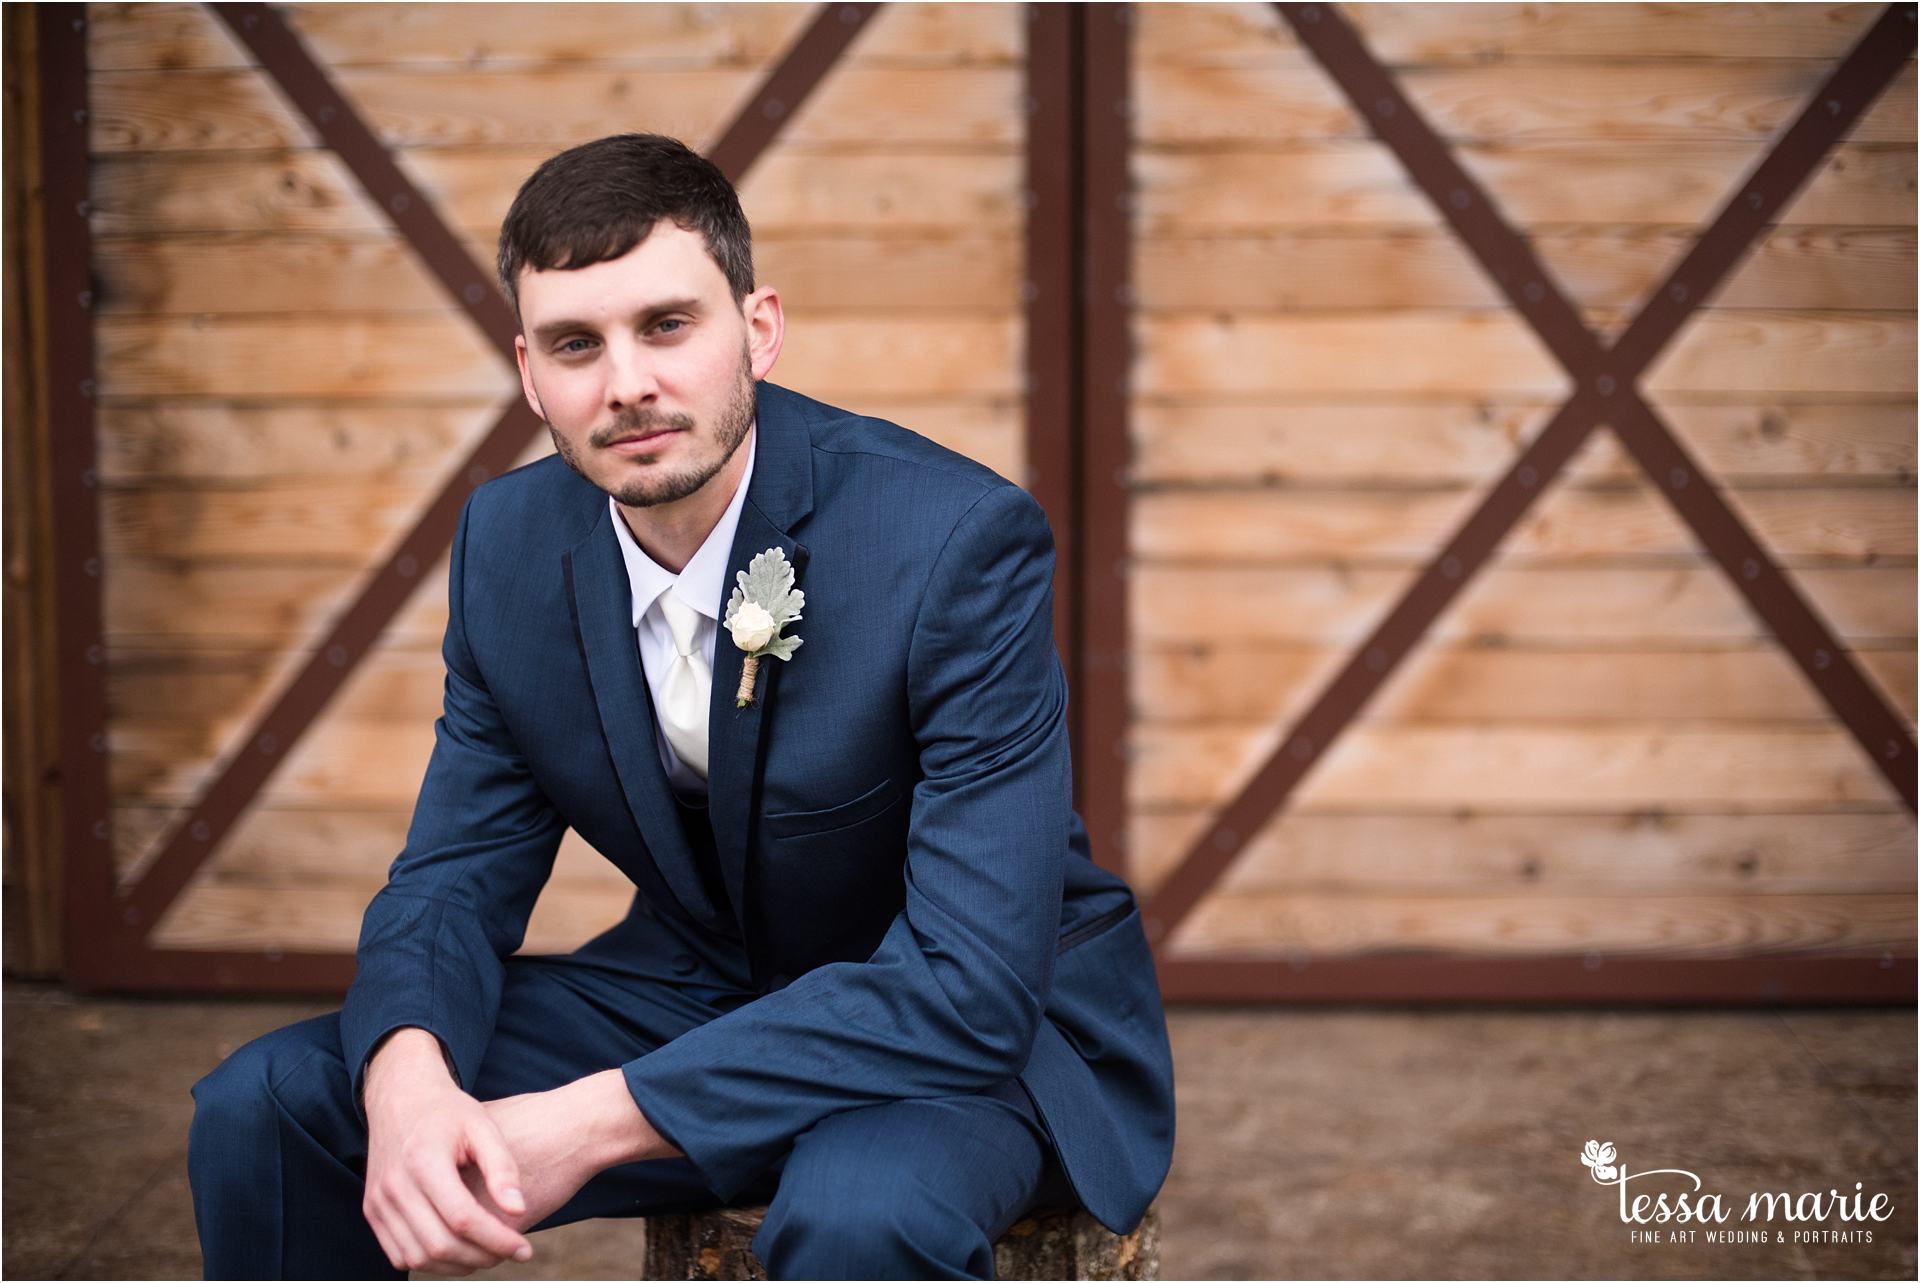 032216_brittany_kevin_wedding-85